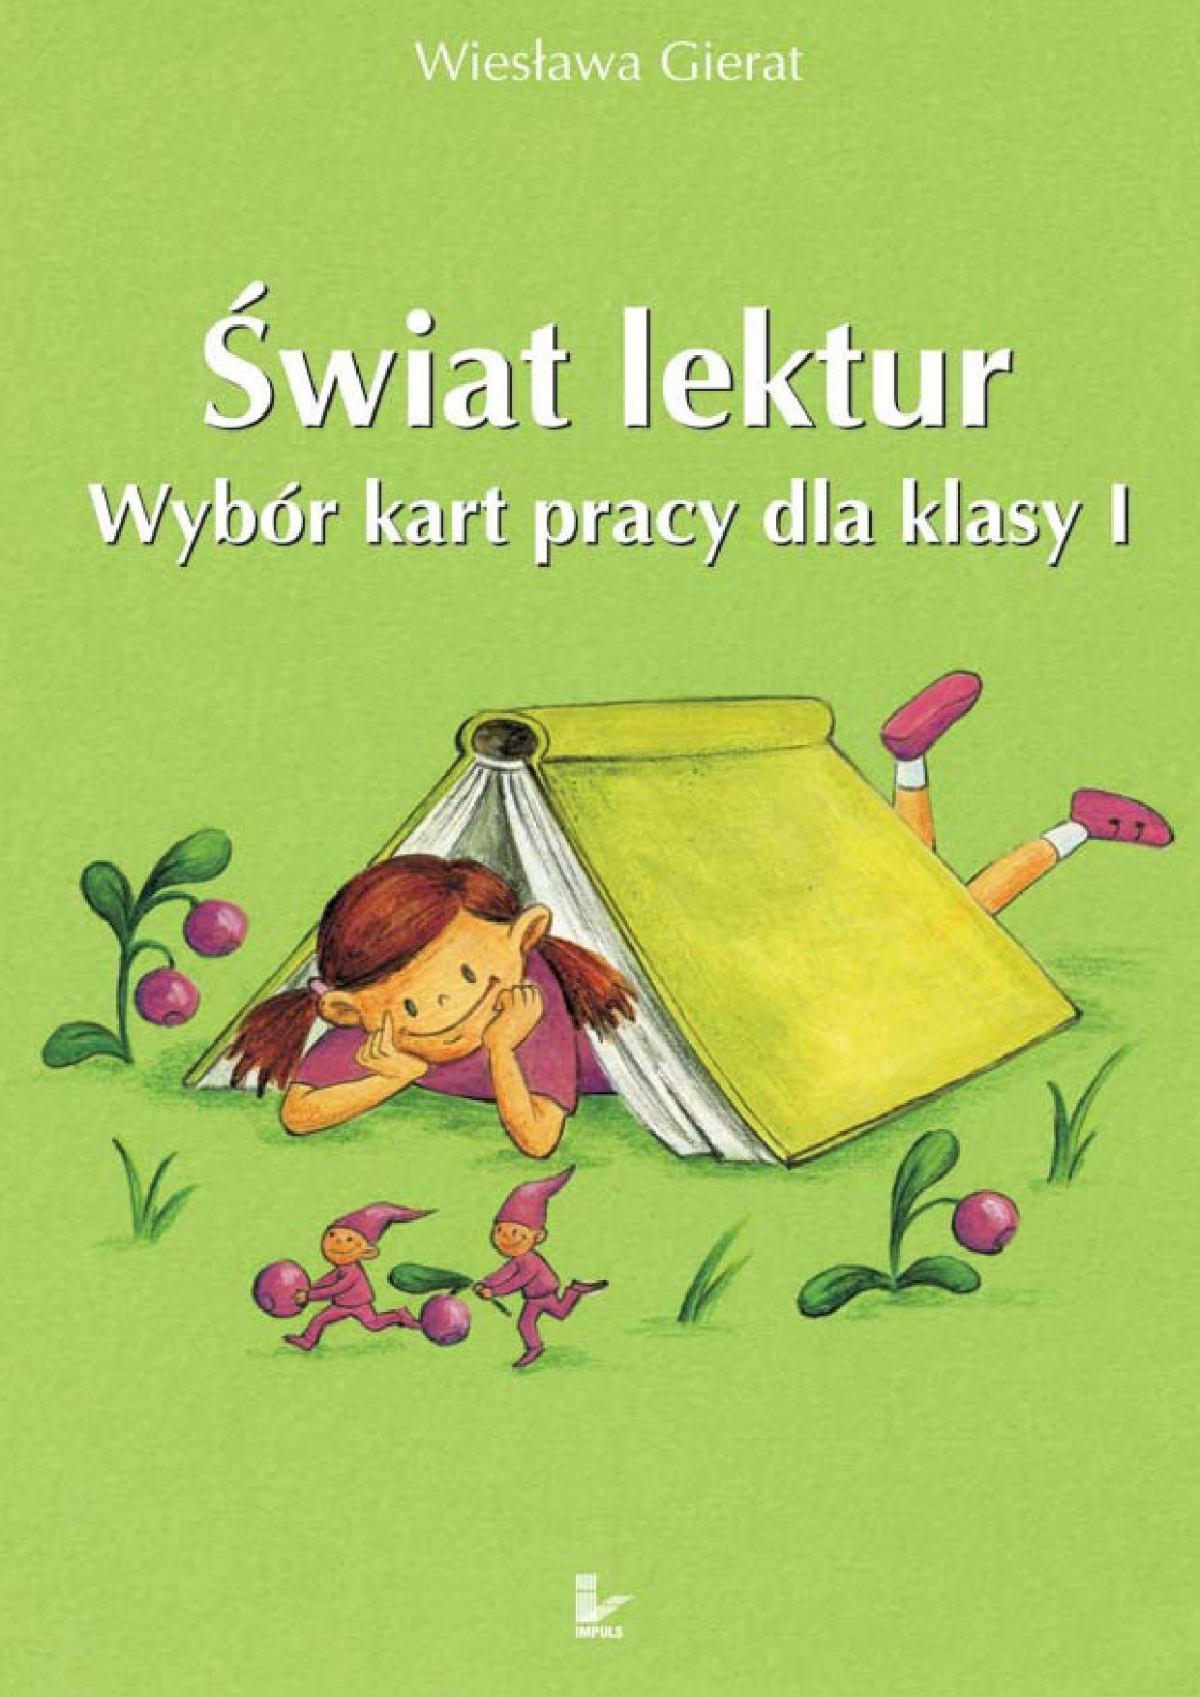 Świat lektur 1 - Ebook (Książka PDF) do pobrania w formacie PDF